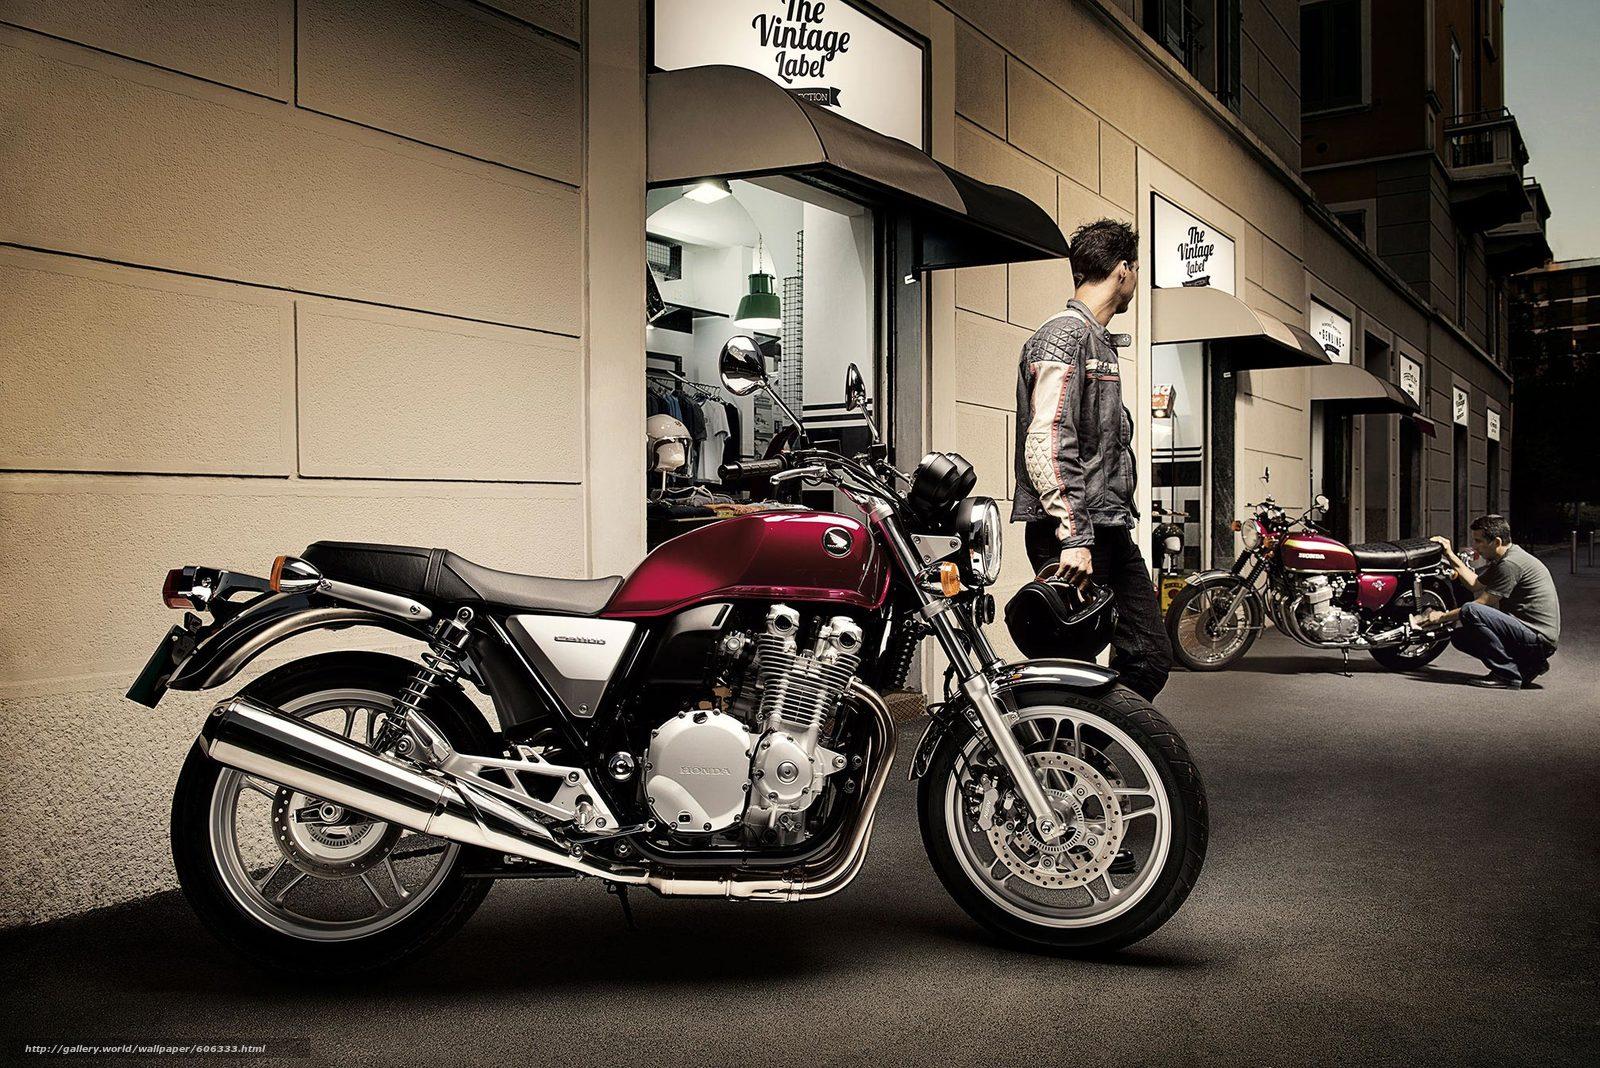 Скачать на телефон обои фото картинку на тему bike, Honda, профиль, CB1100A, Deluxue, ABS, разширение 2014x1344